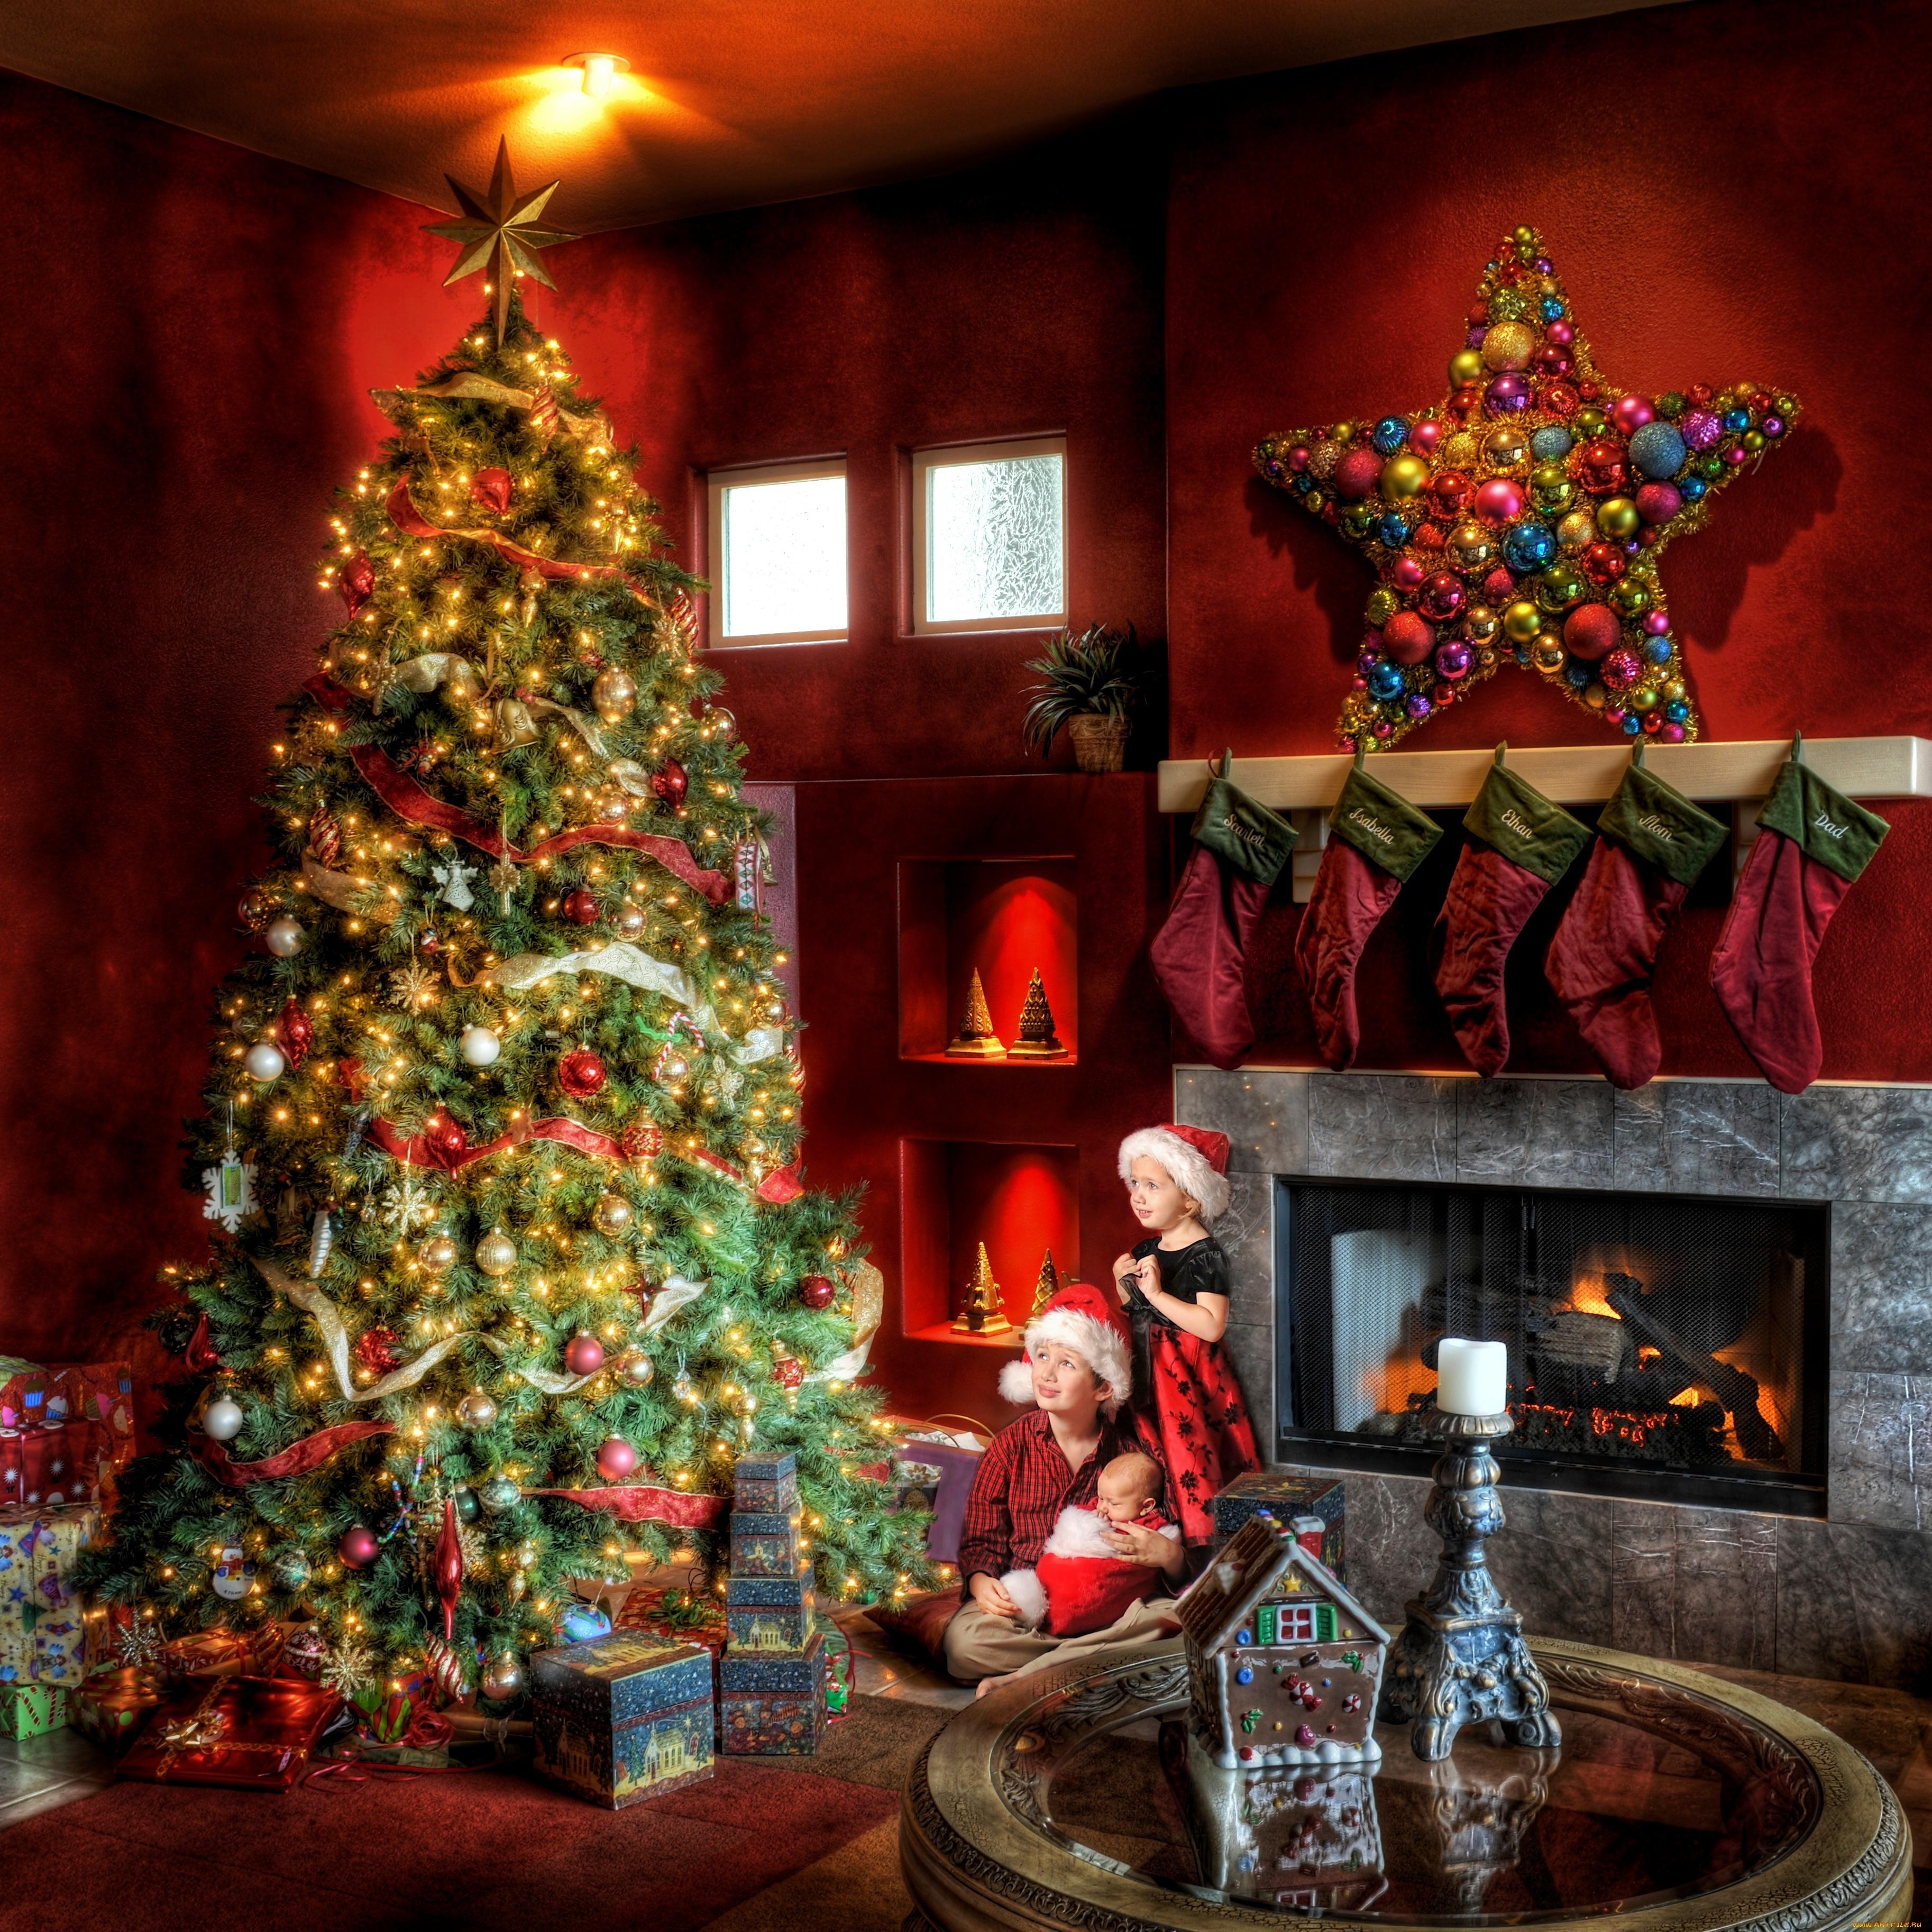 Картинка девочка Младенцы мальчишки Рождество Звездочки Дети носках Елка Камин подарок Шар втроем Девочки мальчик младенца младенец Мальчики мальчишка грудной ребёнок Новый год Носки ребёнок Новогодняя ёлка камина камины Подарки подарков три Трое 3 Шарики